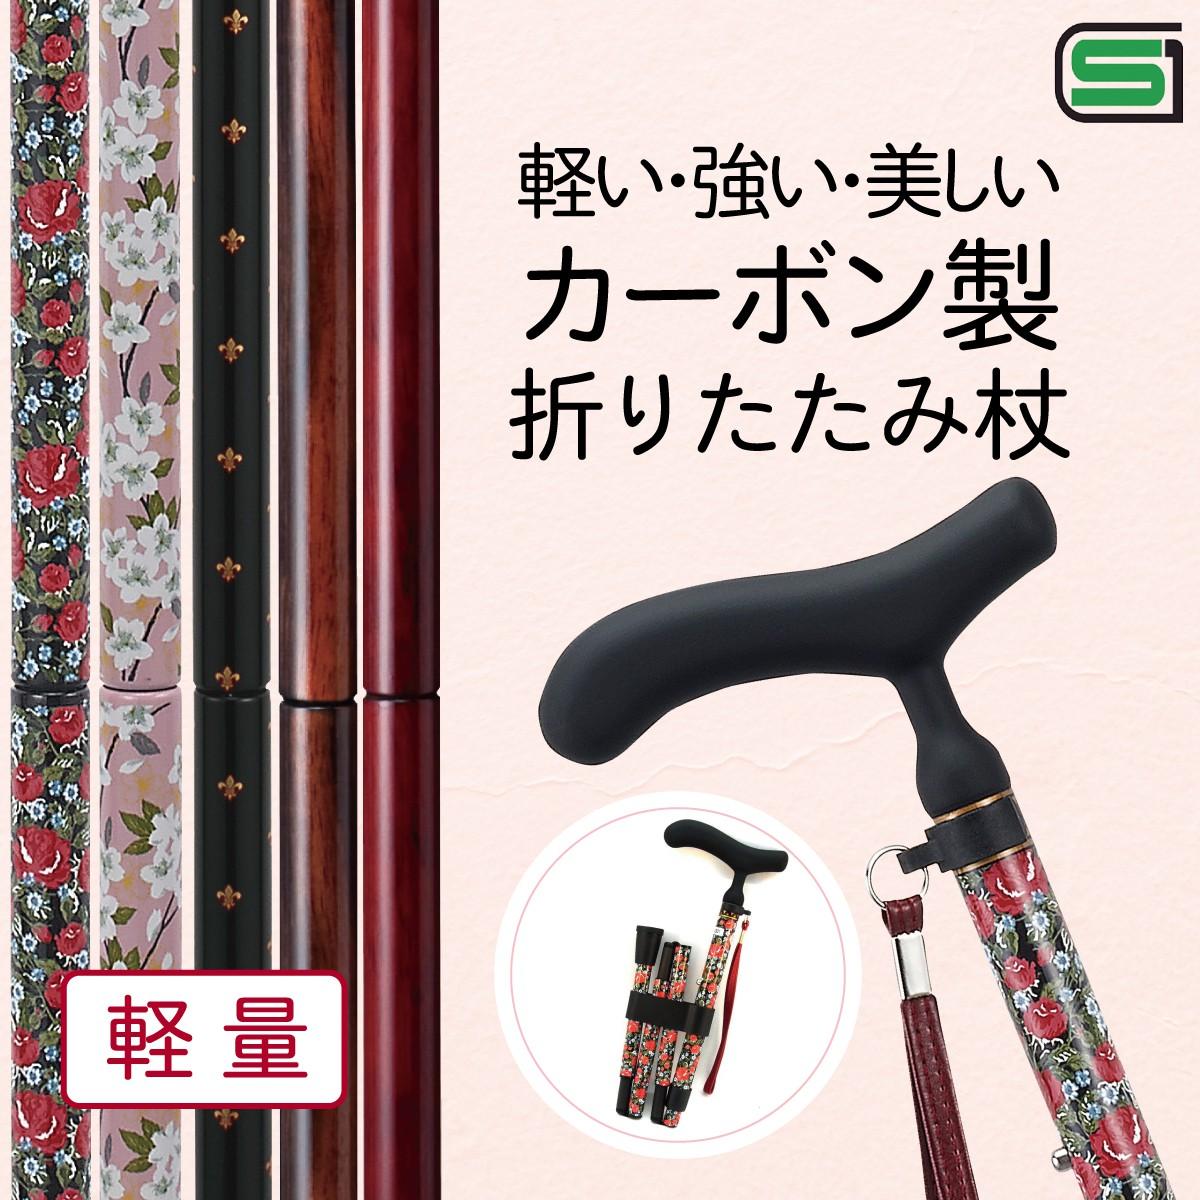 杖 折りたたみ 軽量 折りたたみ式杖 カーボン製 愛杖 C-71 ストラップ付き ステッキ 軽い 丈夫 カーボン杖